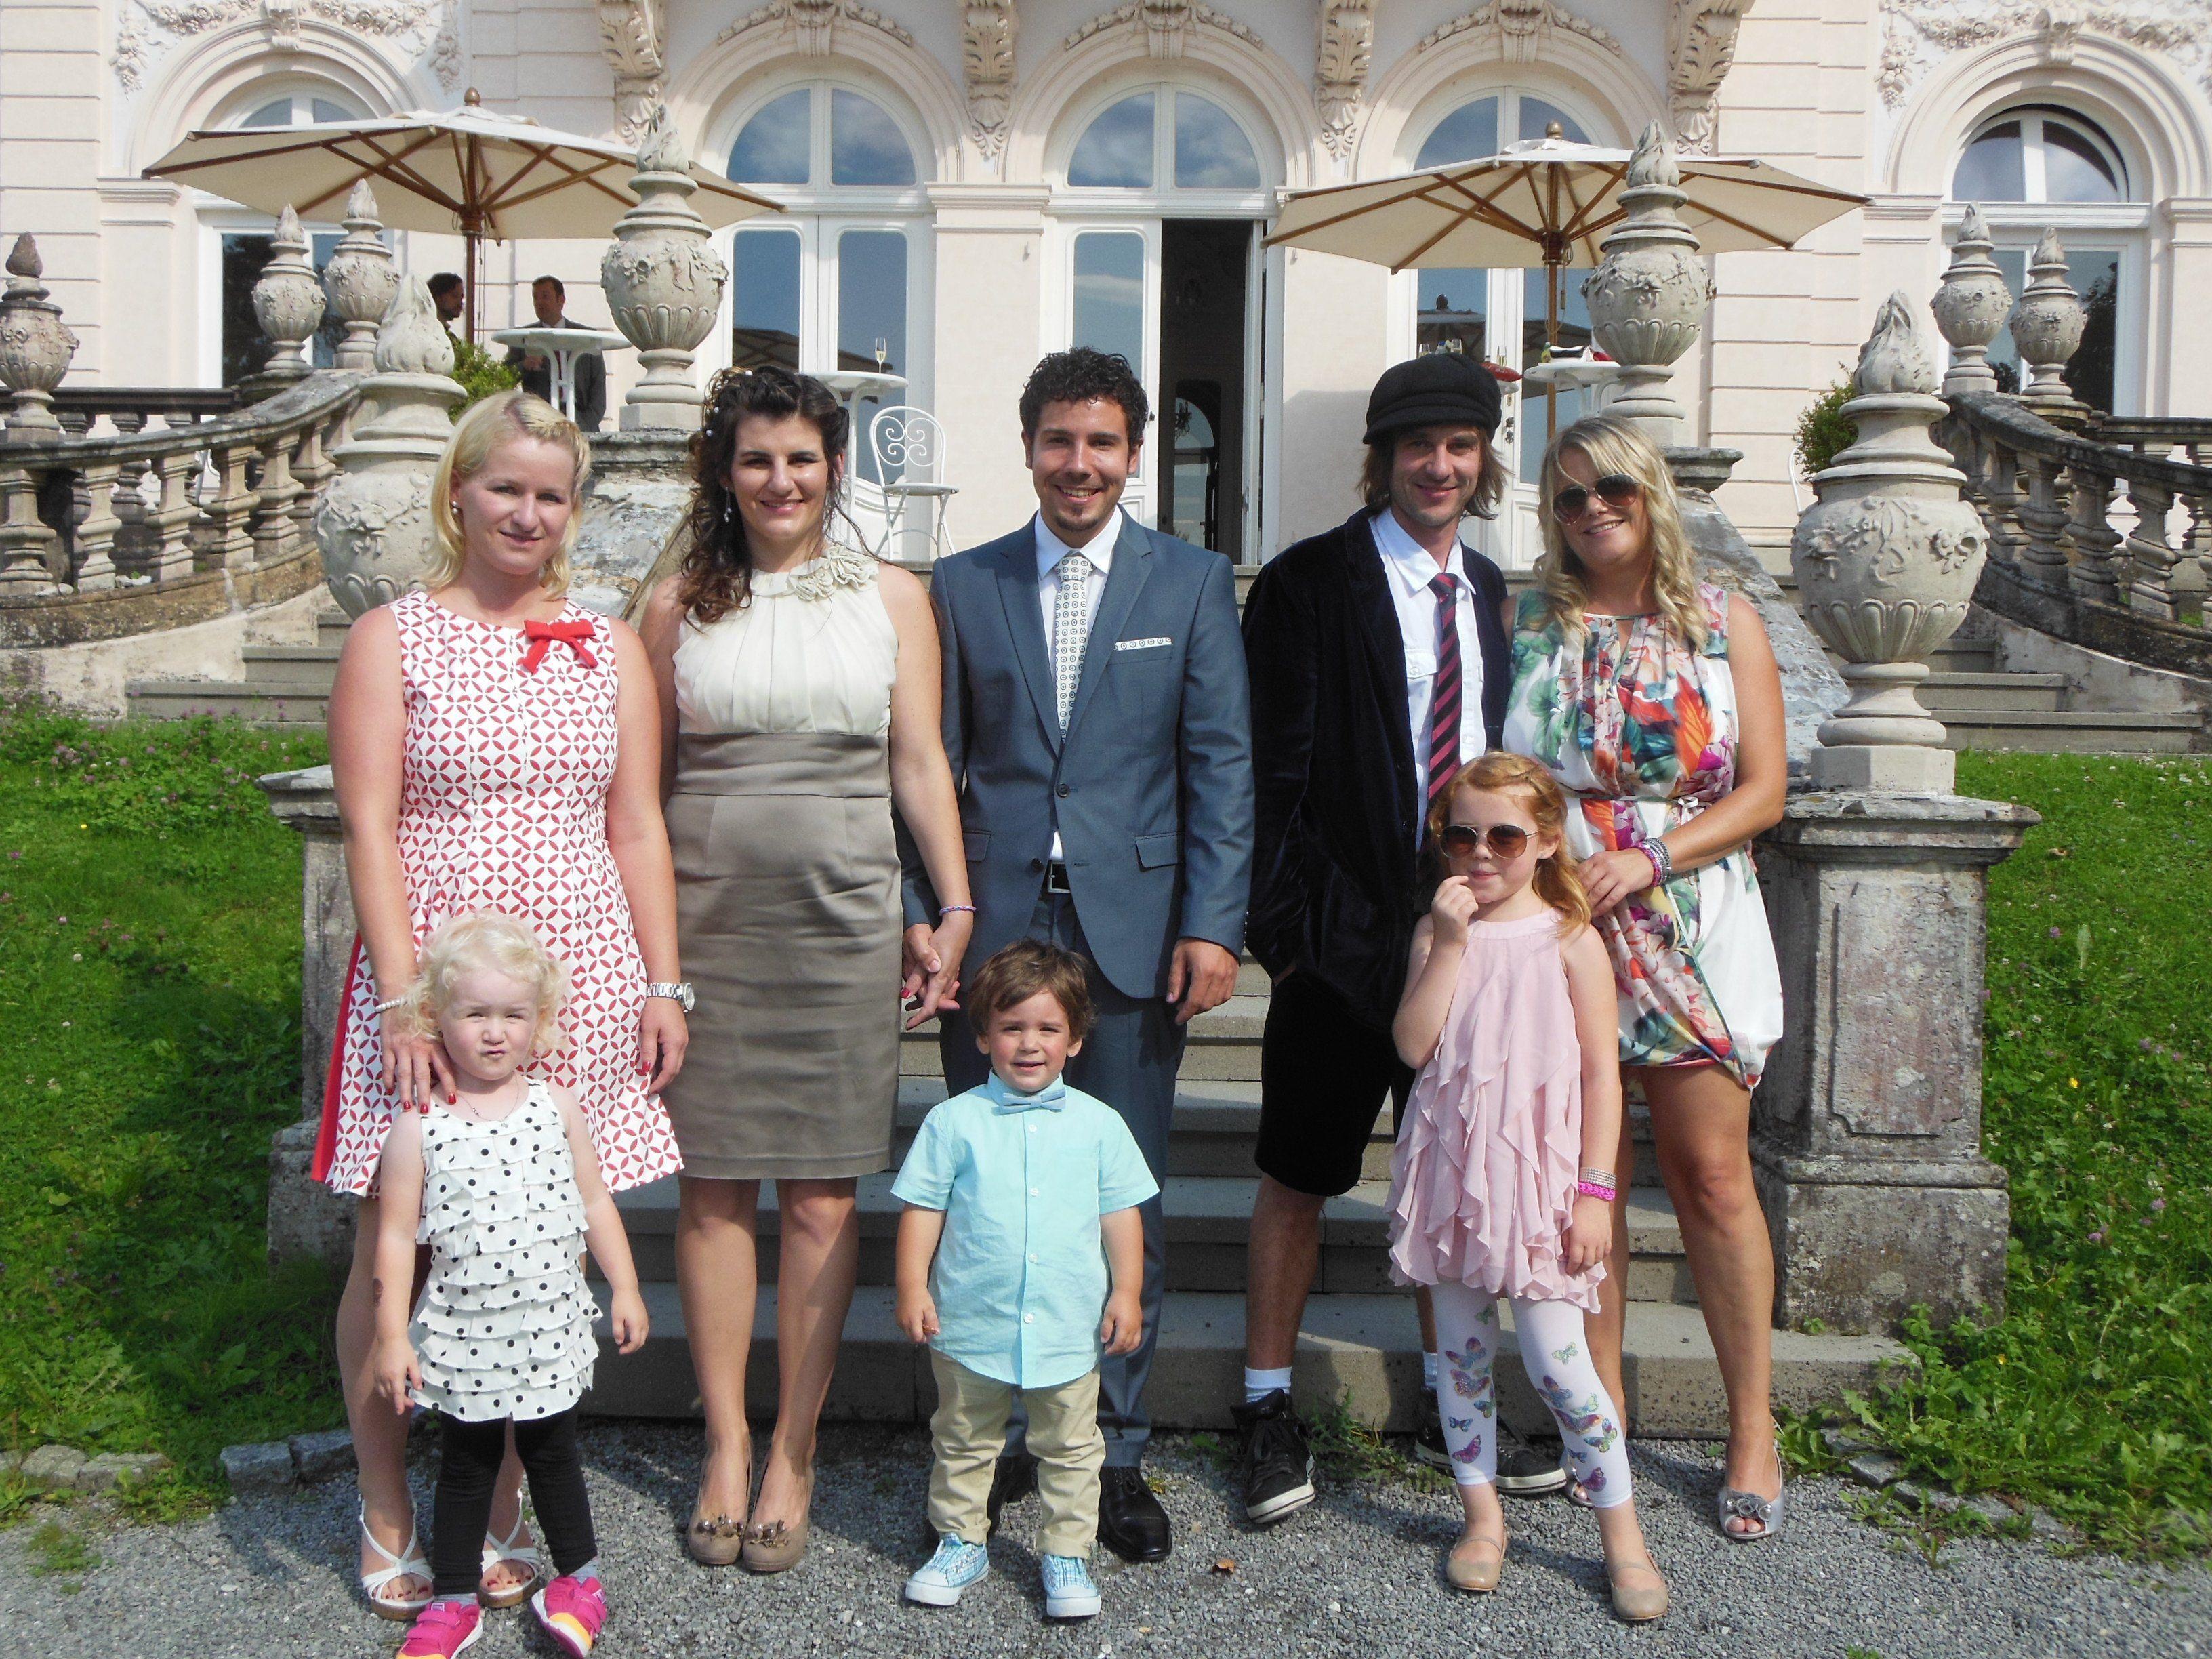 Das glückliche Paar mit Sohn Emilio und den Trauzeugen.